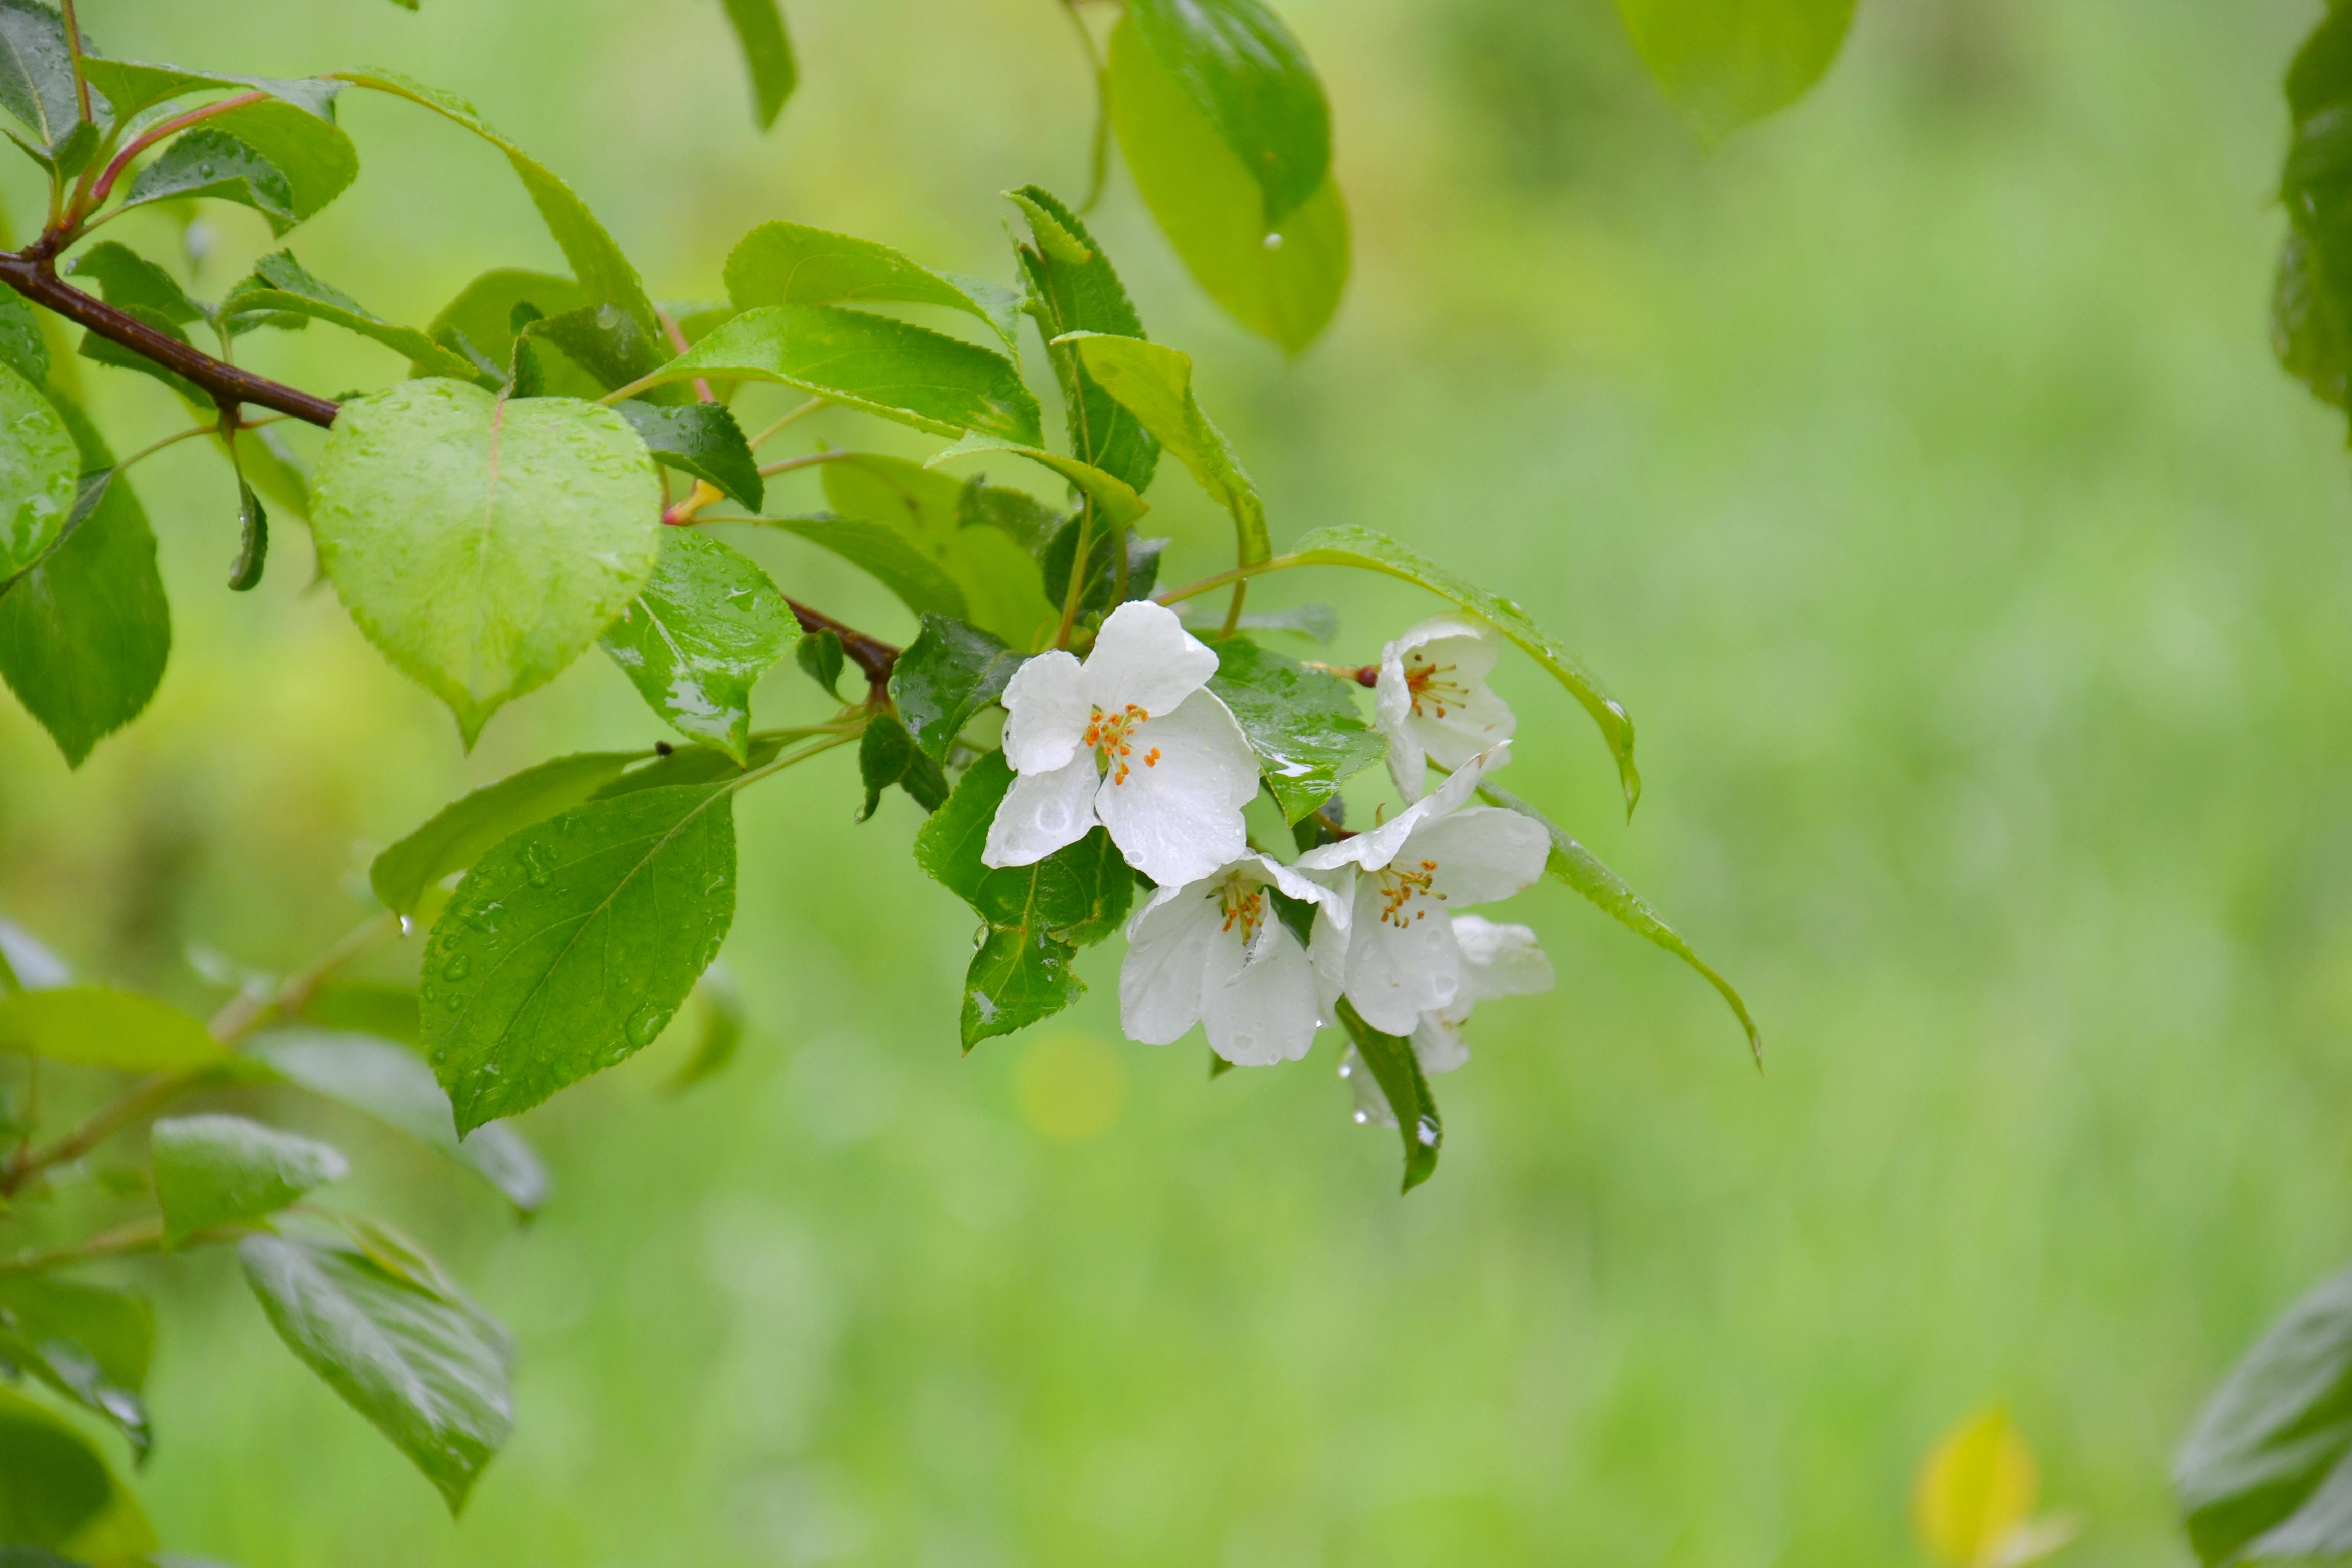 дешевые цветы яблоки листья картинки крыша